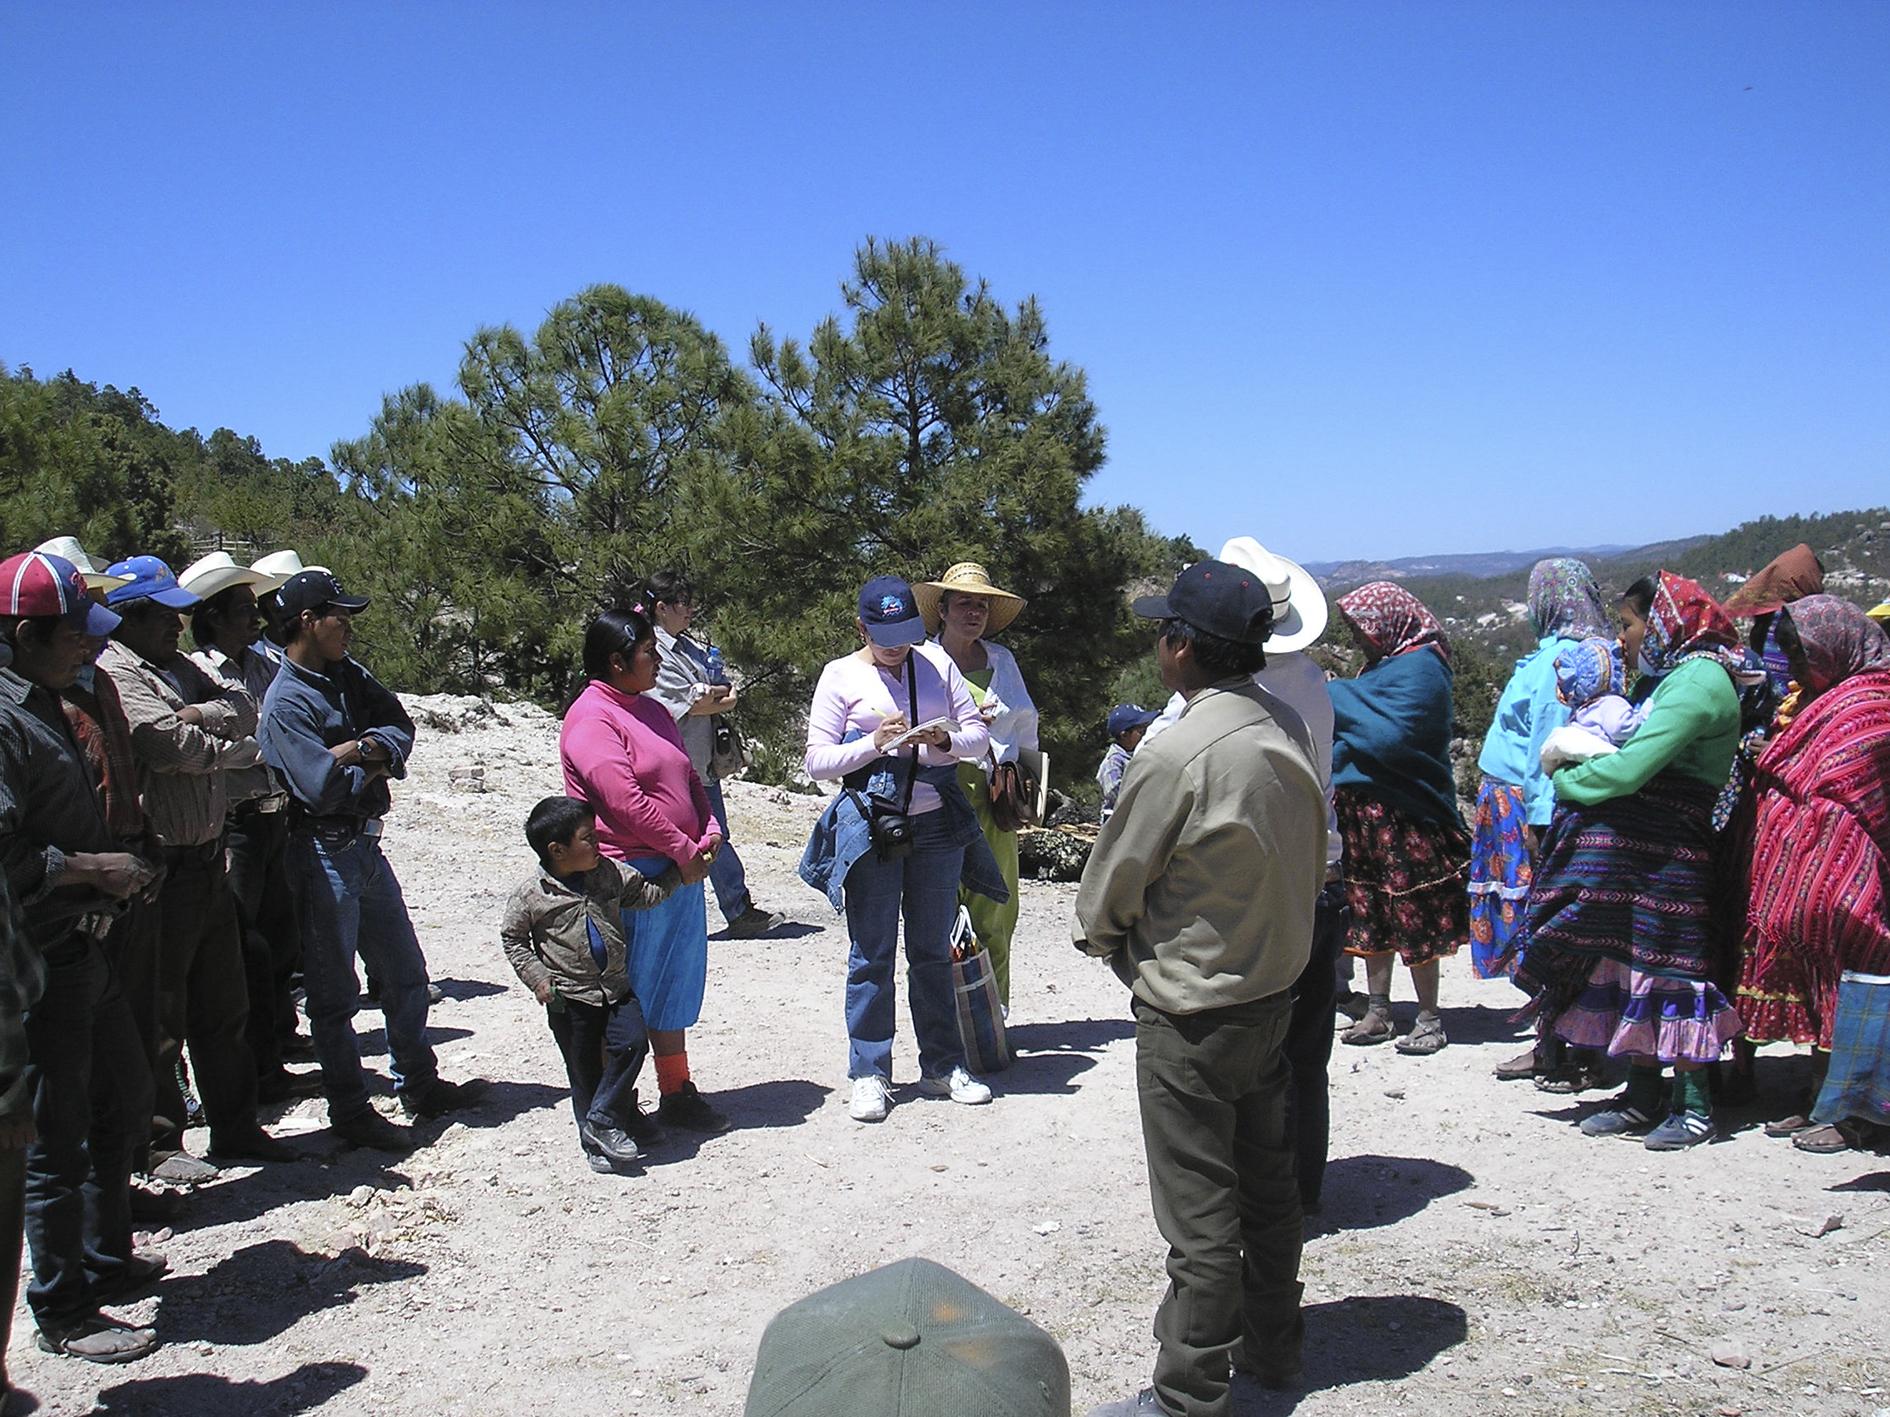 La periodista tenía una relación muy cercana con comunidades rarámuris que habitan la como sierra Tarahumara. De Familia Breach Veldu_ea_Colectivo 23 de marzo